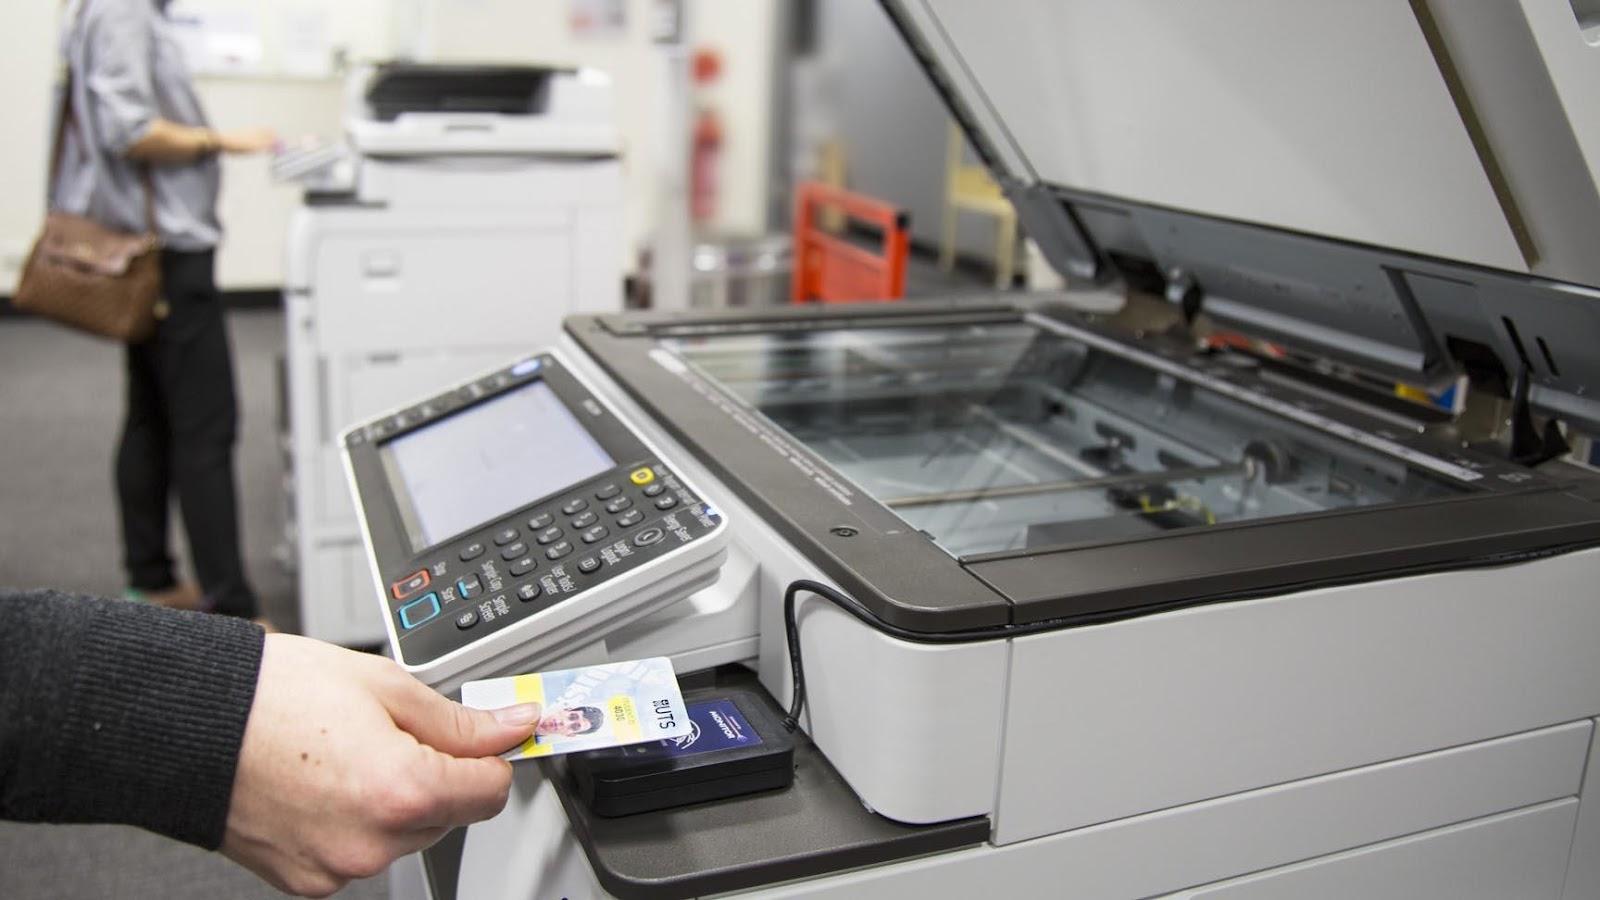 Khi sử dụng máy photocopy nên chú ý điều gì?